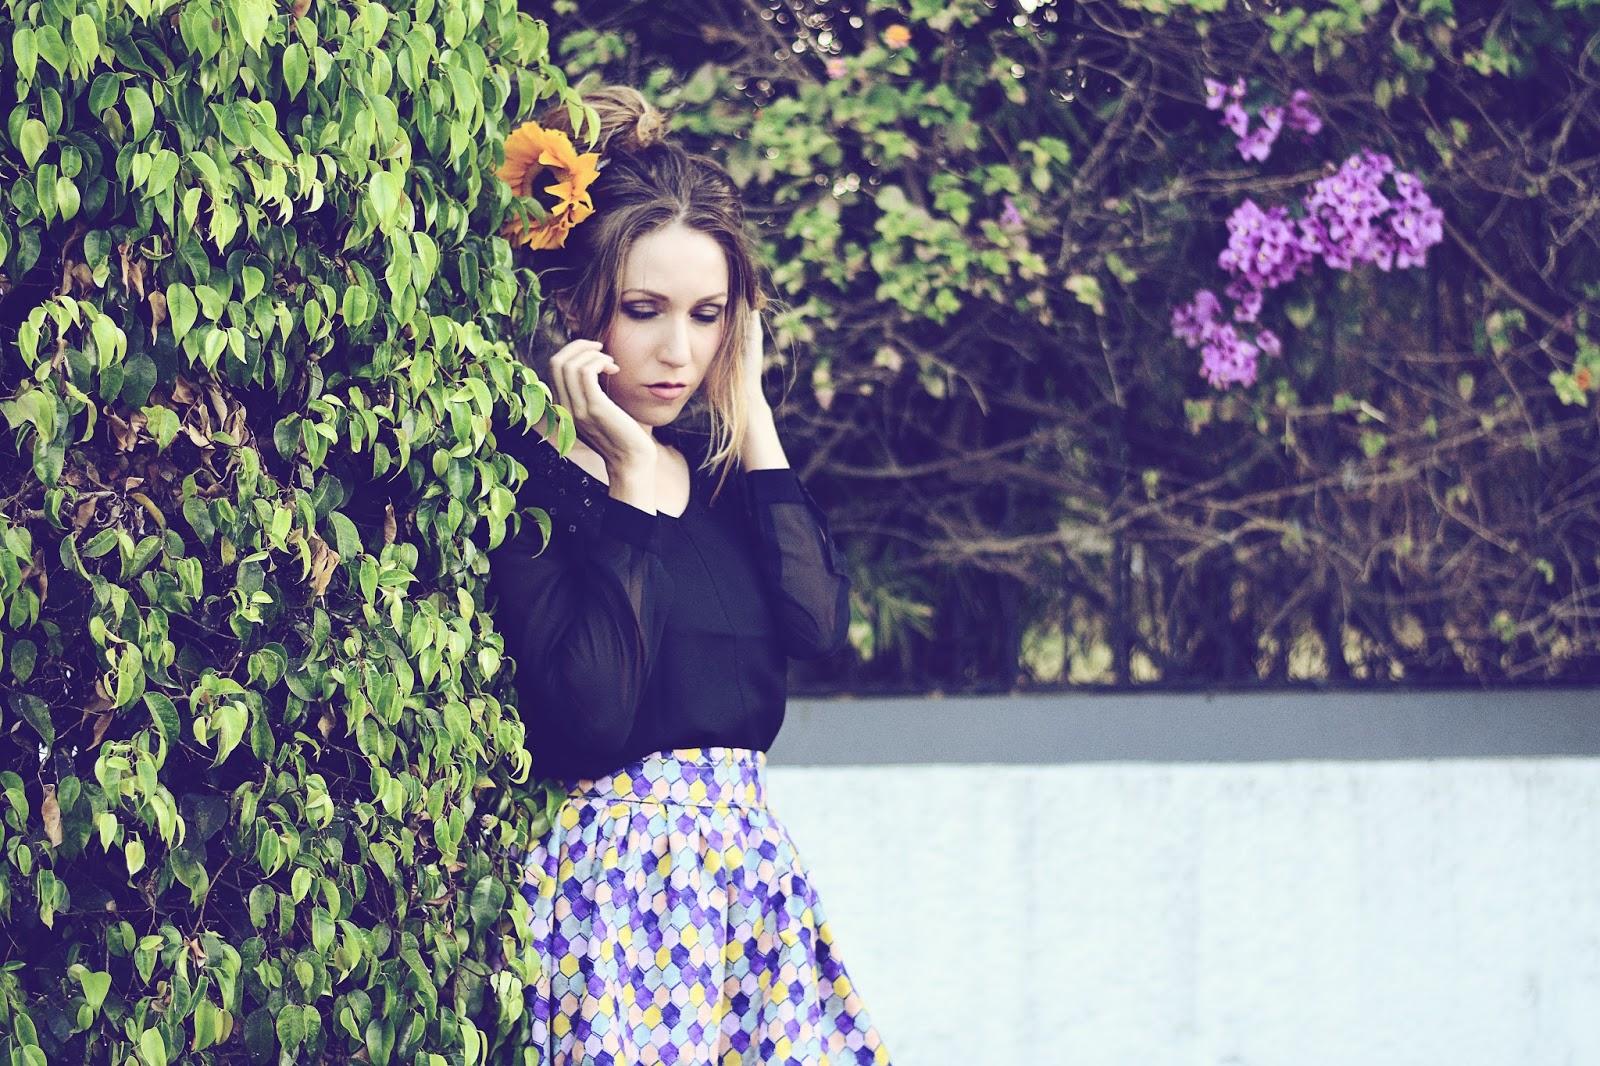 Alisa Gromova looks